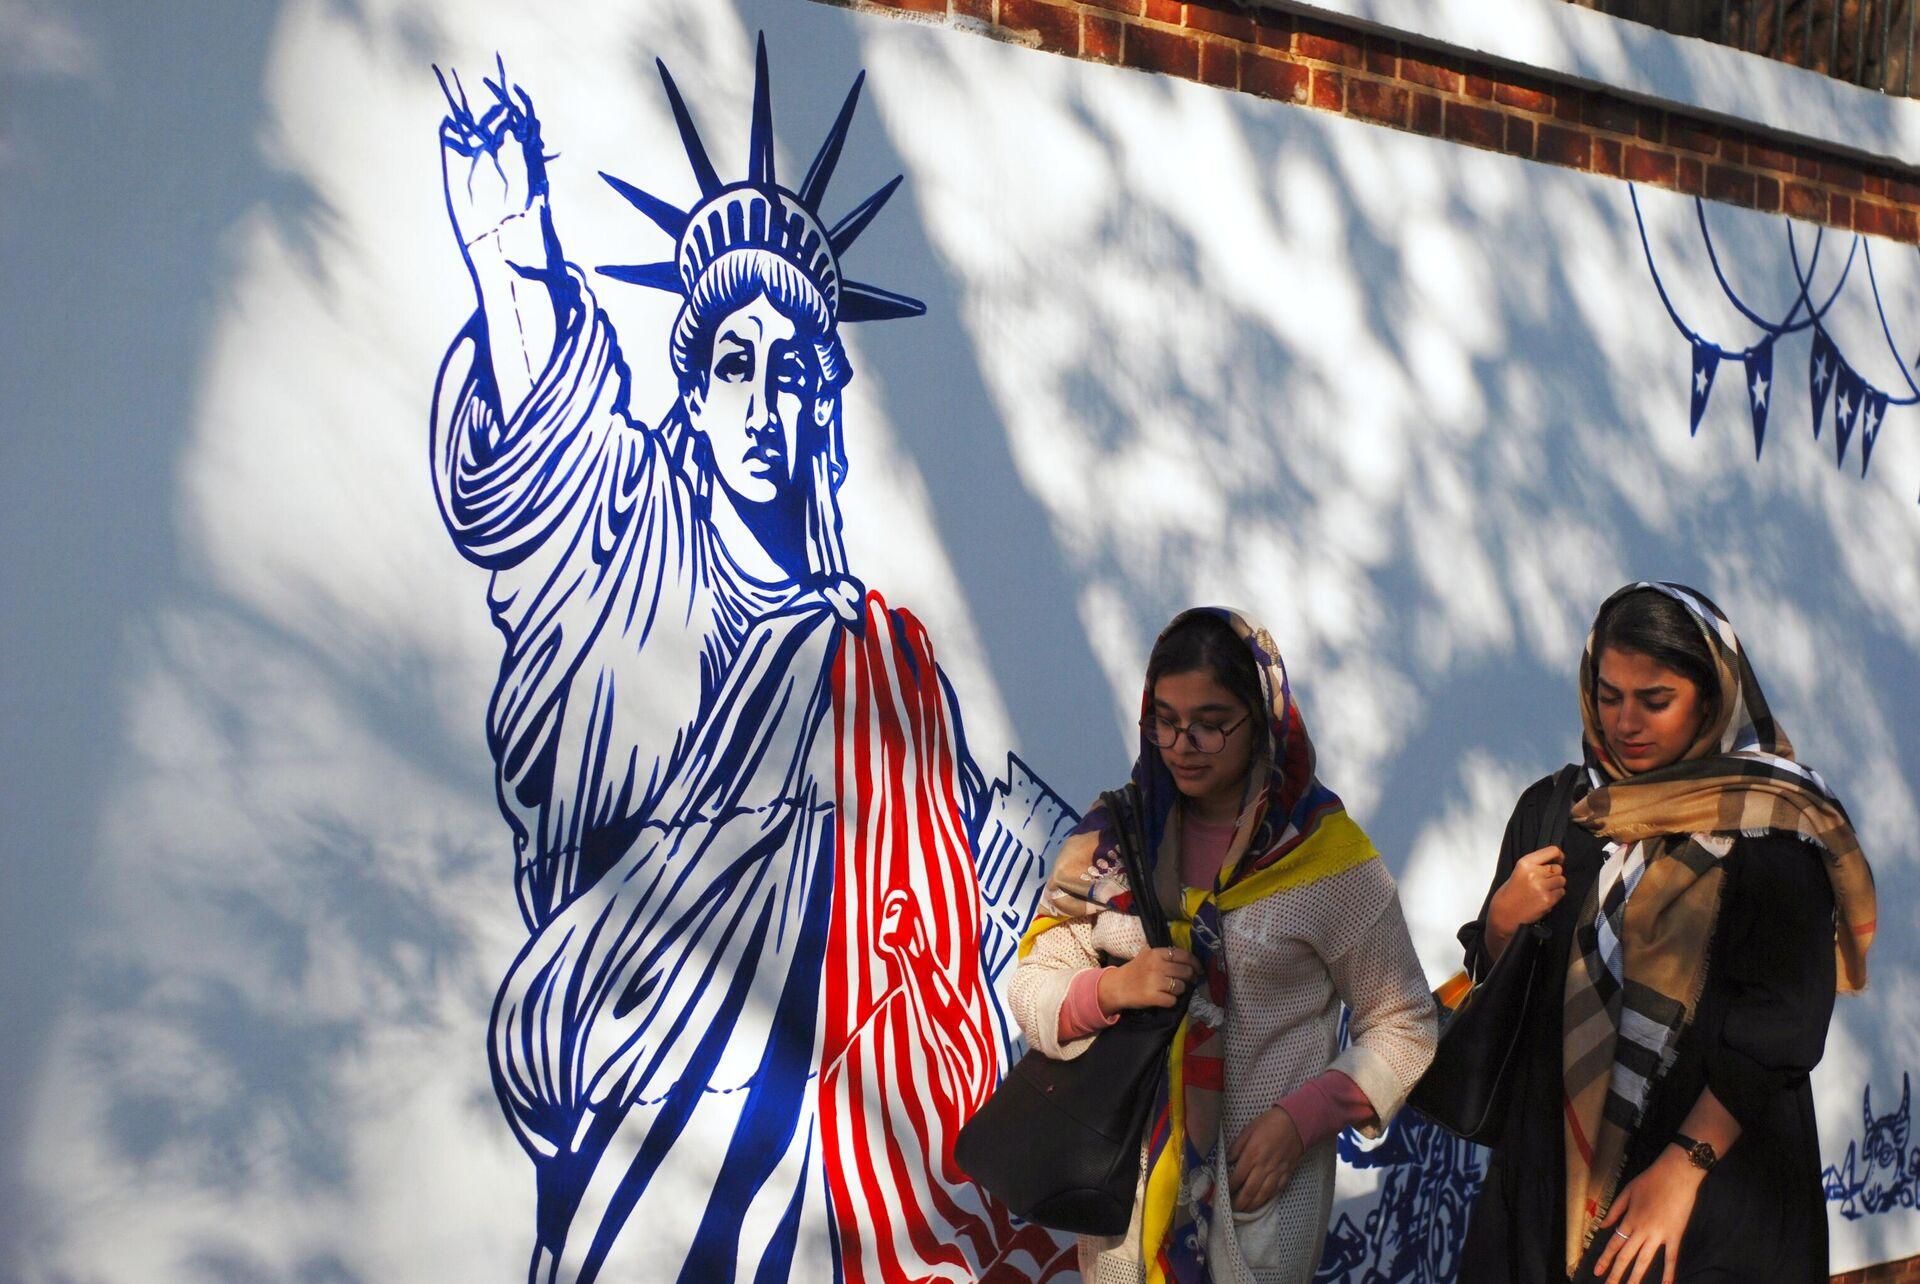 Граффити перед бывшим посольством США в Тегеране - РИА Новости, 1920, 21.09.2020